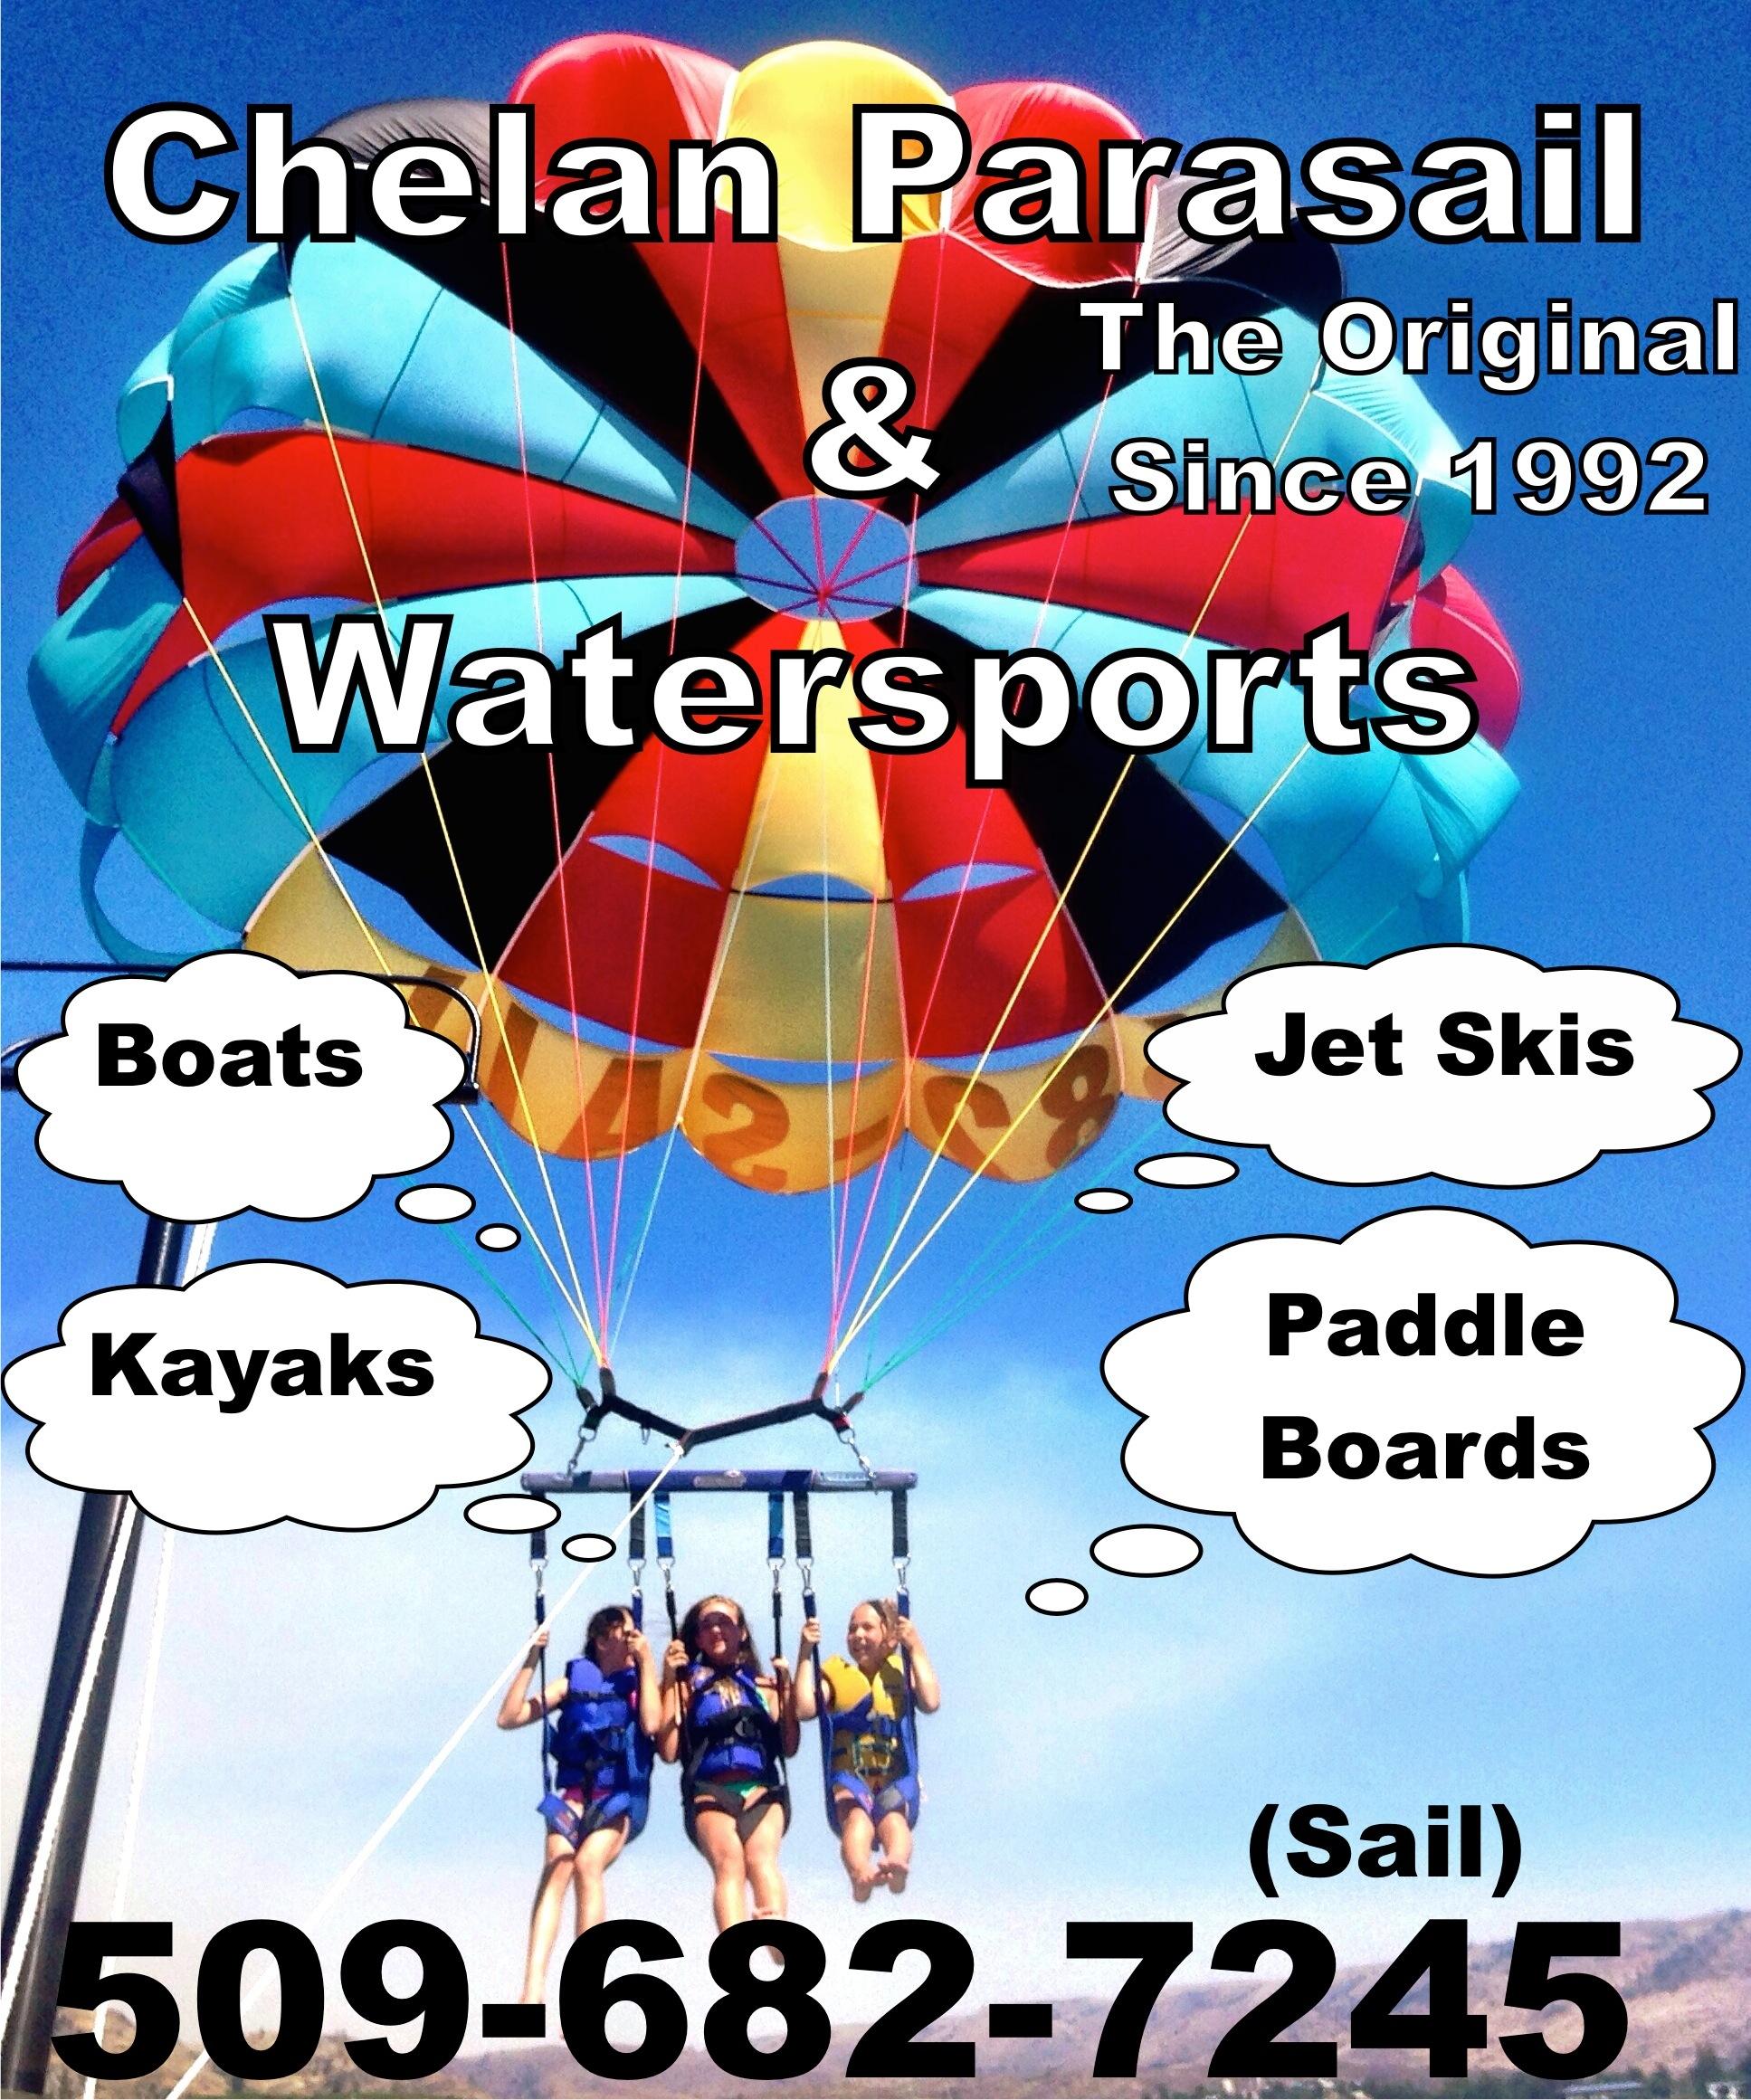 Chelan Parasail & Watersports